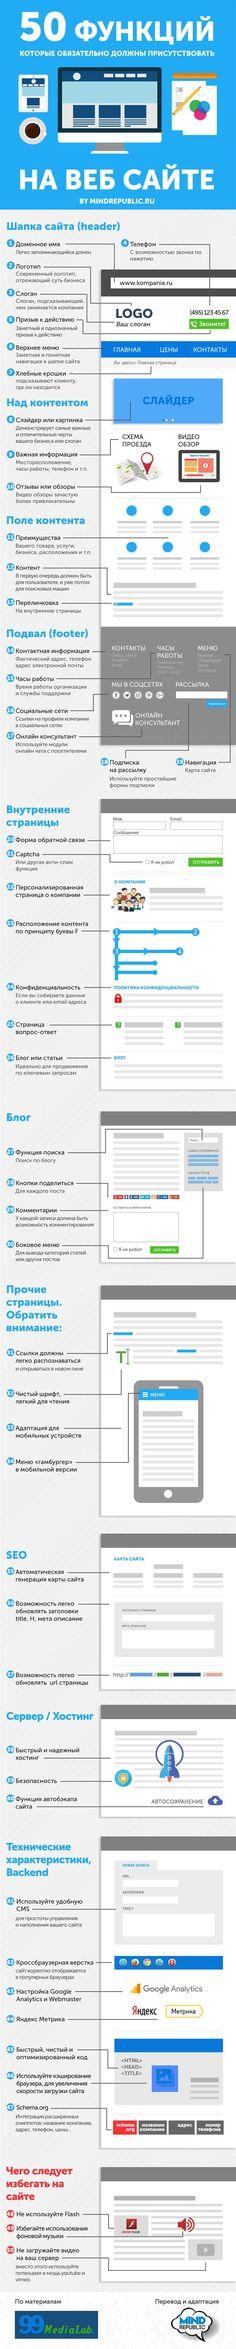 """50 функций, которые должны присутствовать на любом веб сайте. Инфографика Infographics 50 features in web design Фейсбук <a href=""""https://kwork.ru/smm/166027/tselevaya-auditoriya-facebook?ref=17088"""" target=""""_blank"""">Целевая аудитория в Фейсбуке</a> #facebook"""